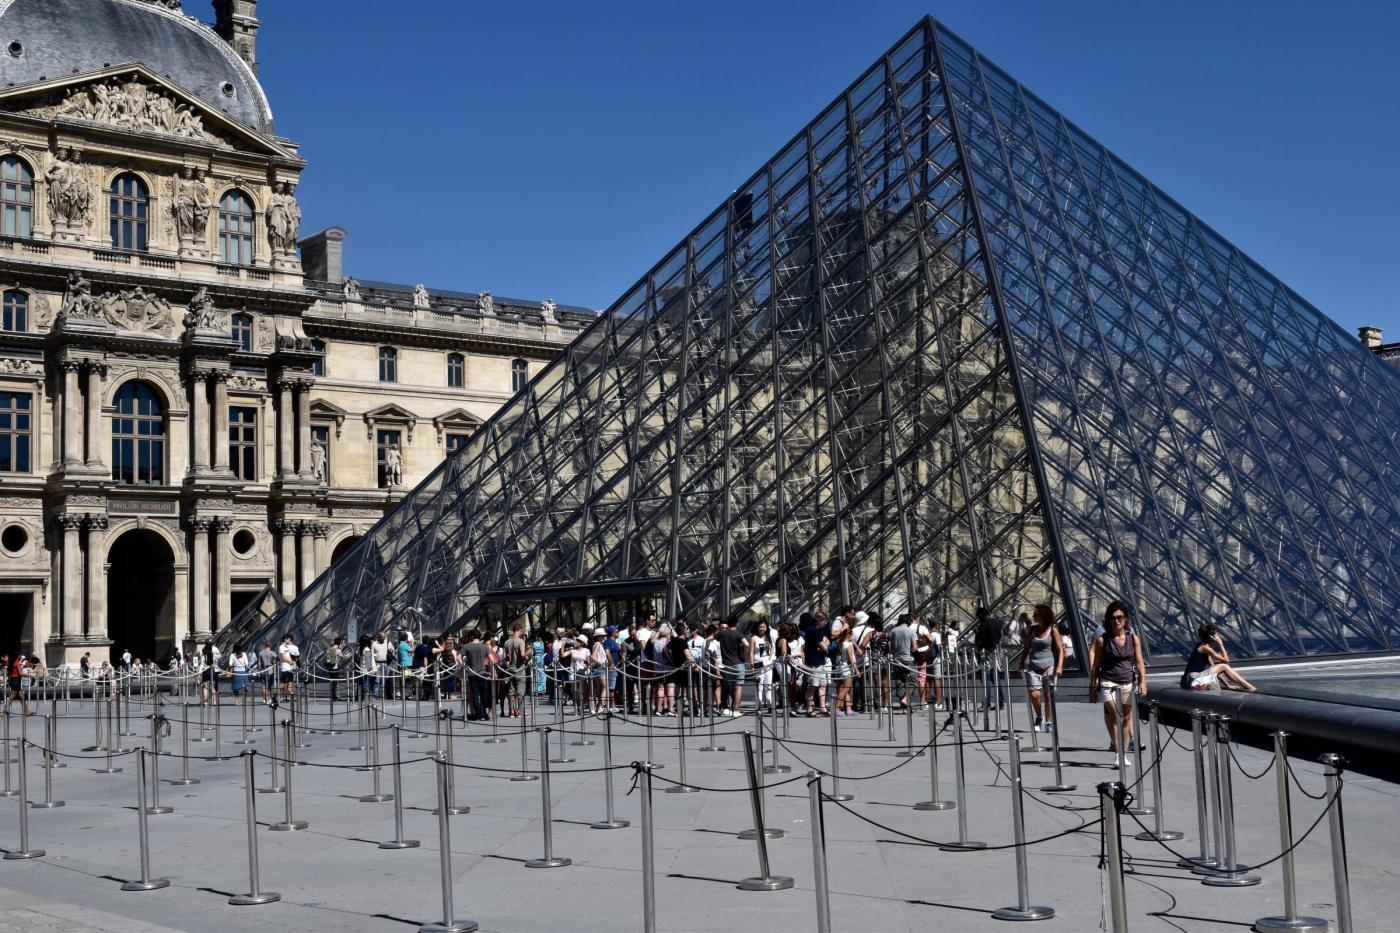 FRANCE PARIS TOURISTS DECLINE